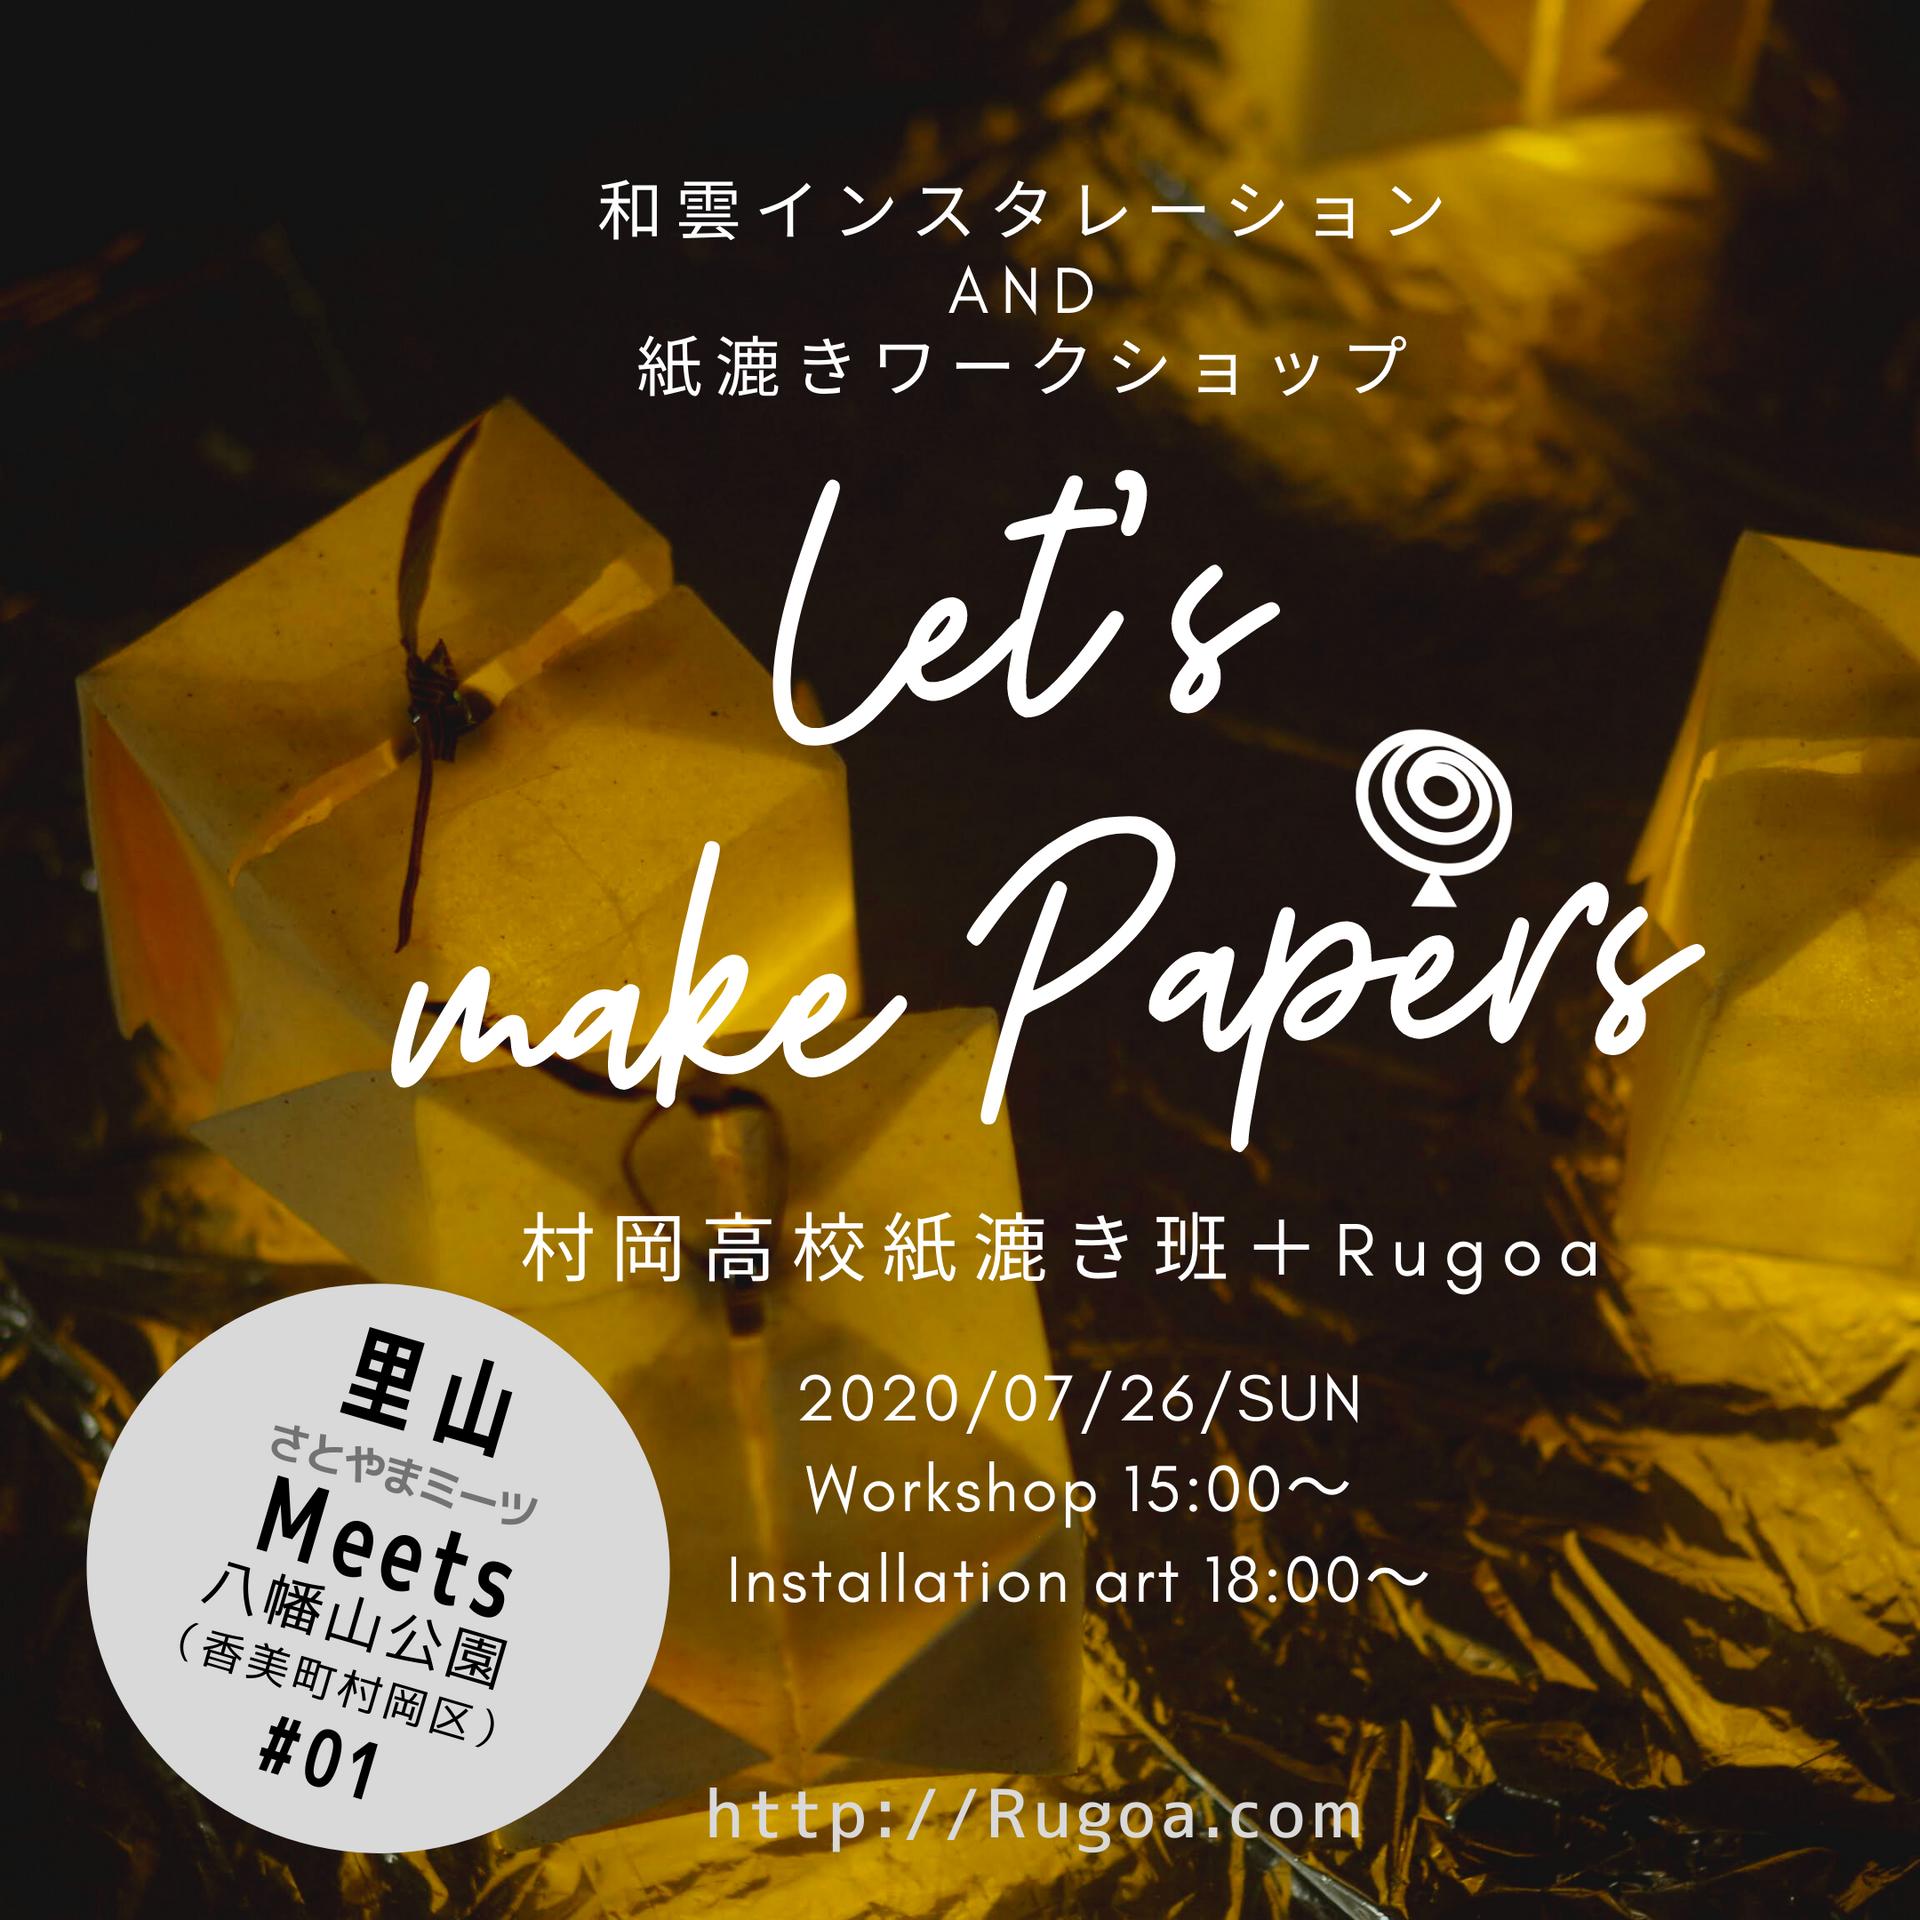 里山Meets.png